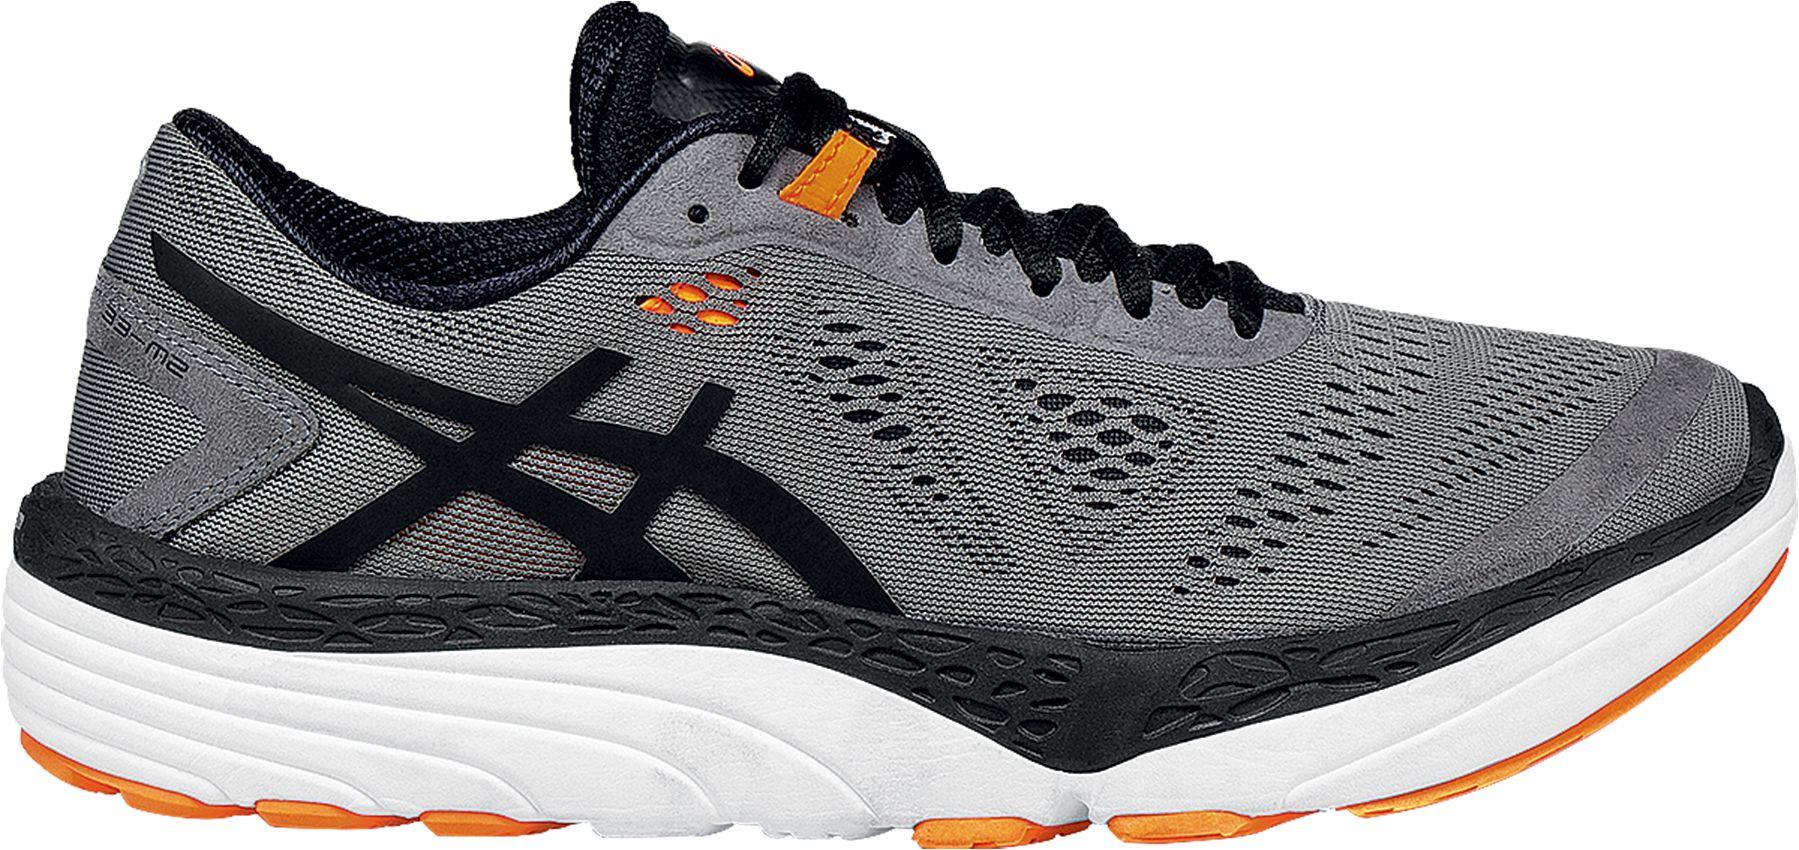 ASICS | Chaussures Chaussures Hommes 16800 33 M 2 | d9ece10 - sbsgrp.website